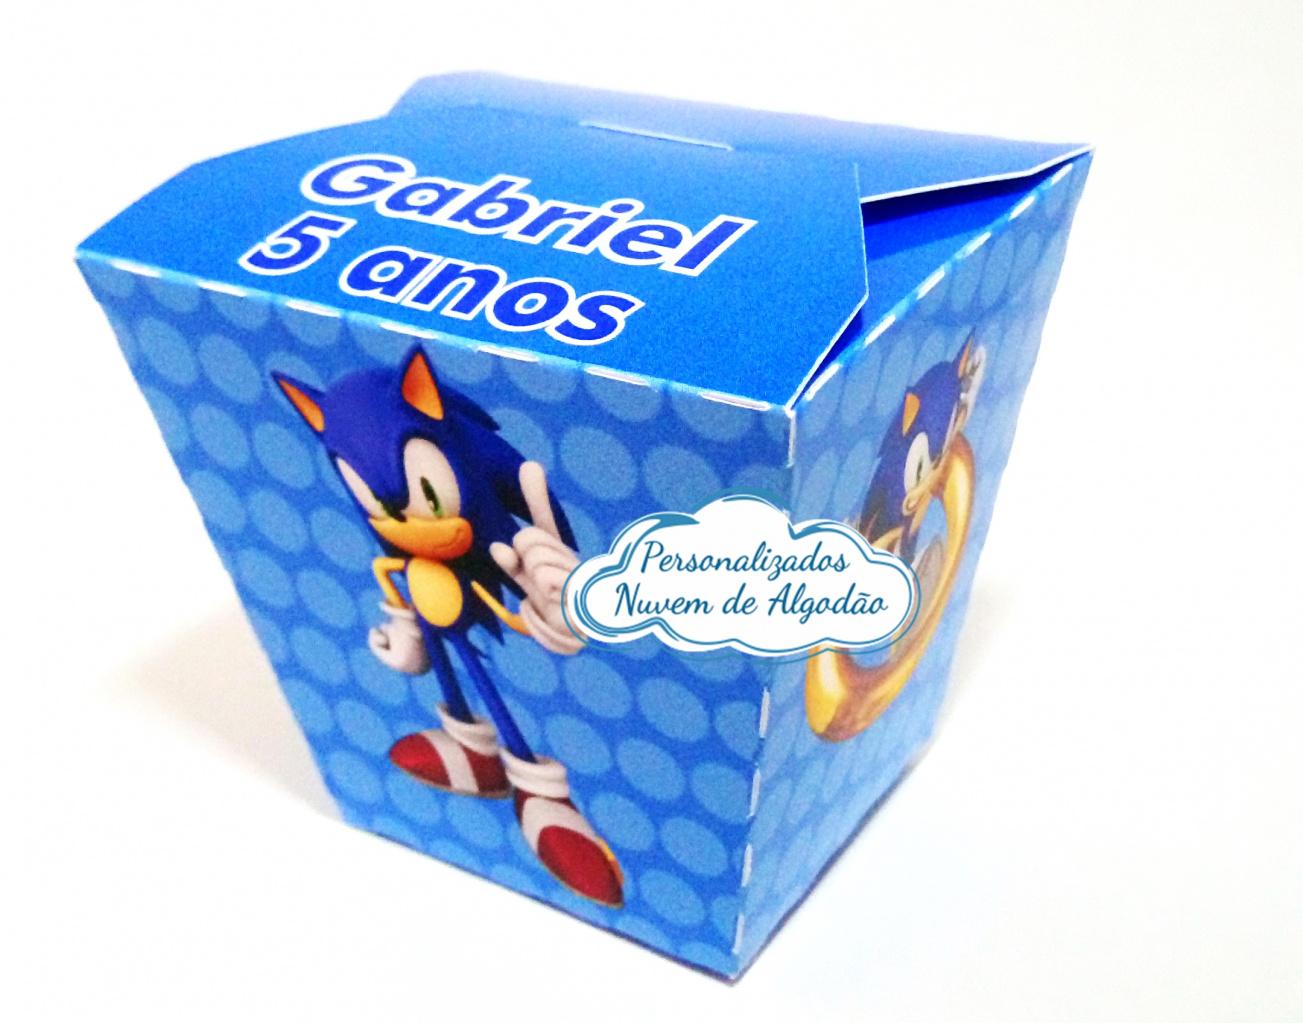 Nuvem de algodão personalizados - Caixa sushi Sonic